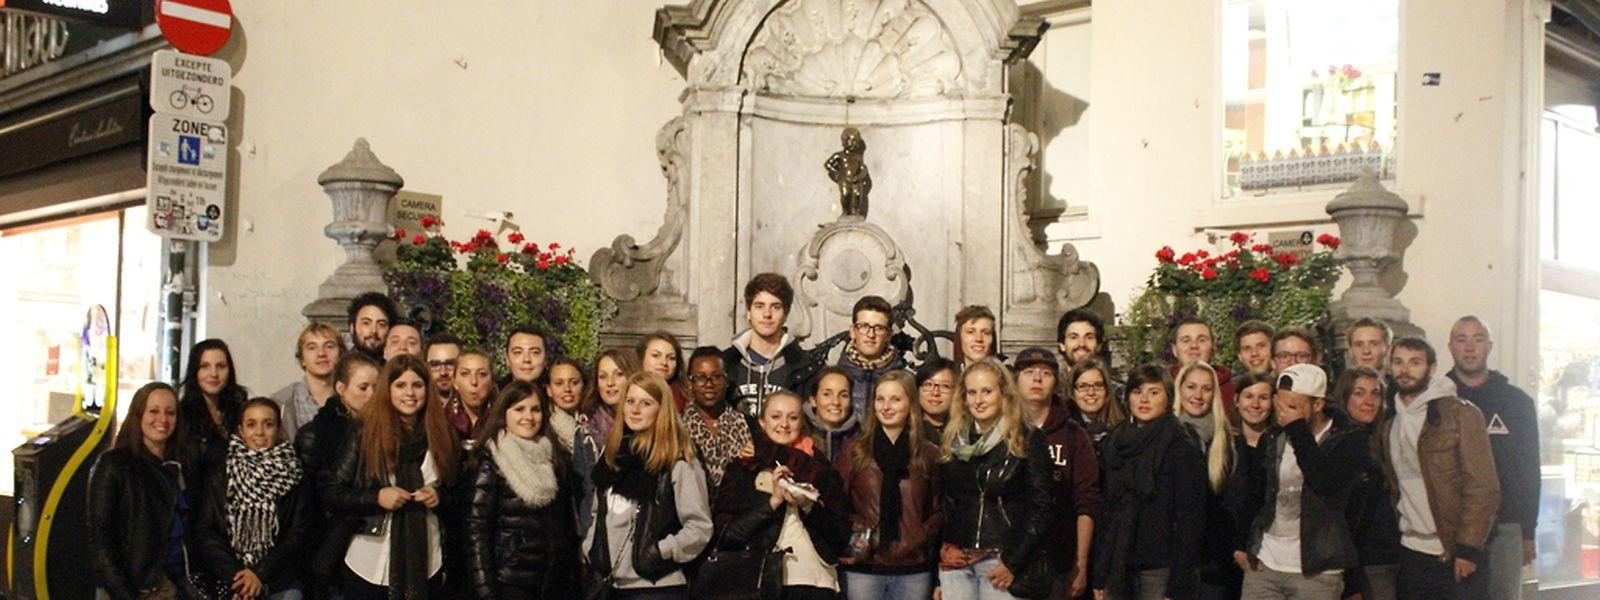 """""""Brüssel, weltweit bekannt als politische Hauptstadt von Europa, bietet eine hohe Vielfalt an kulturellen und intellektuellen Hotspots!"""""""